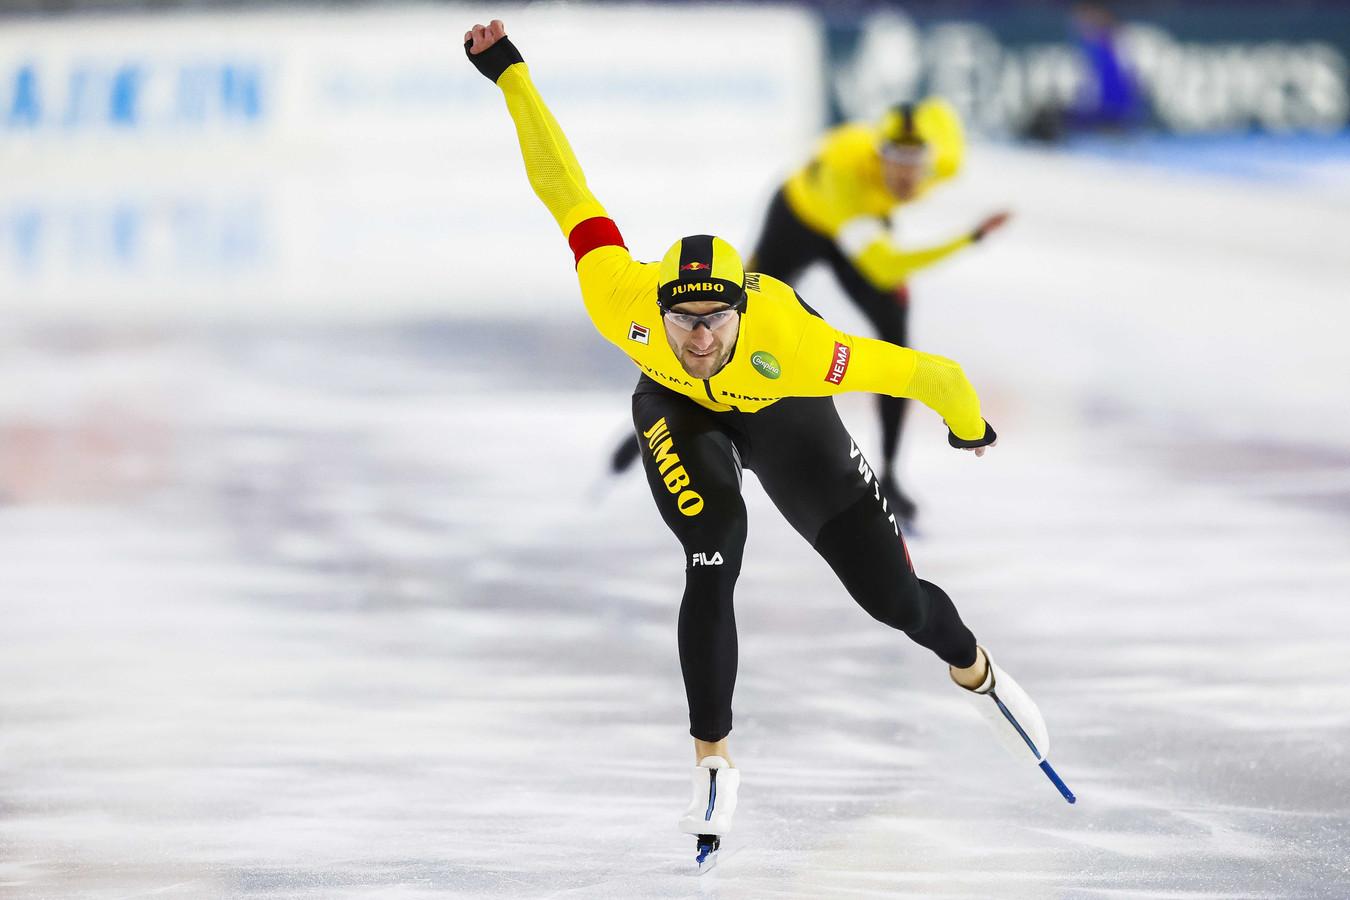 Thomas Krol in actie op de 1000 meter tegen Hein Otterspeer tijdens het WK-kwalificatietoernooi schaatsen in Thialf.